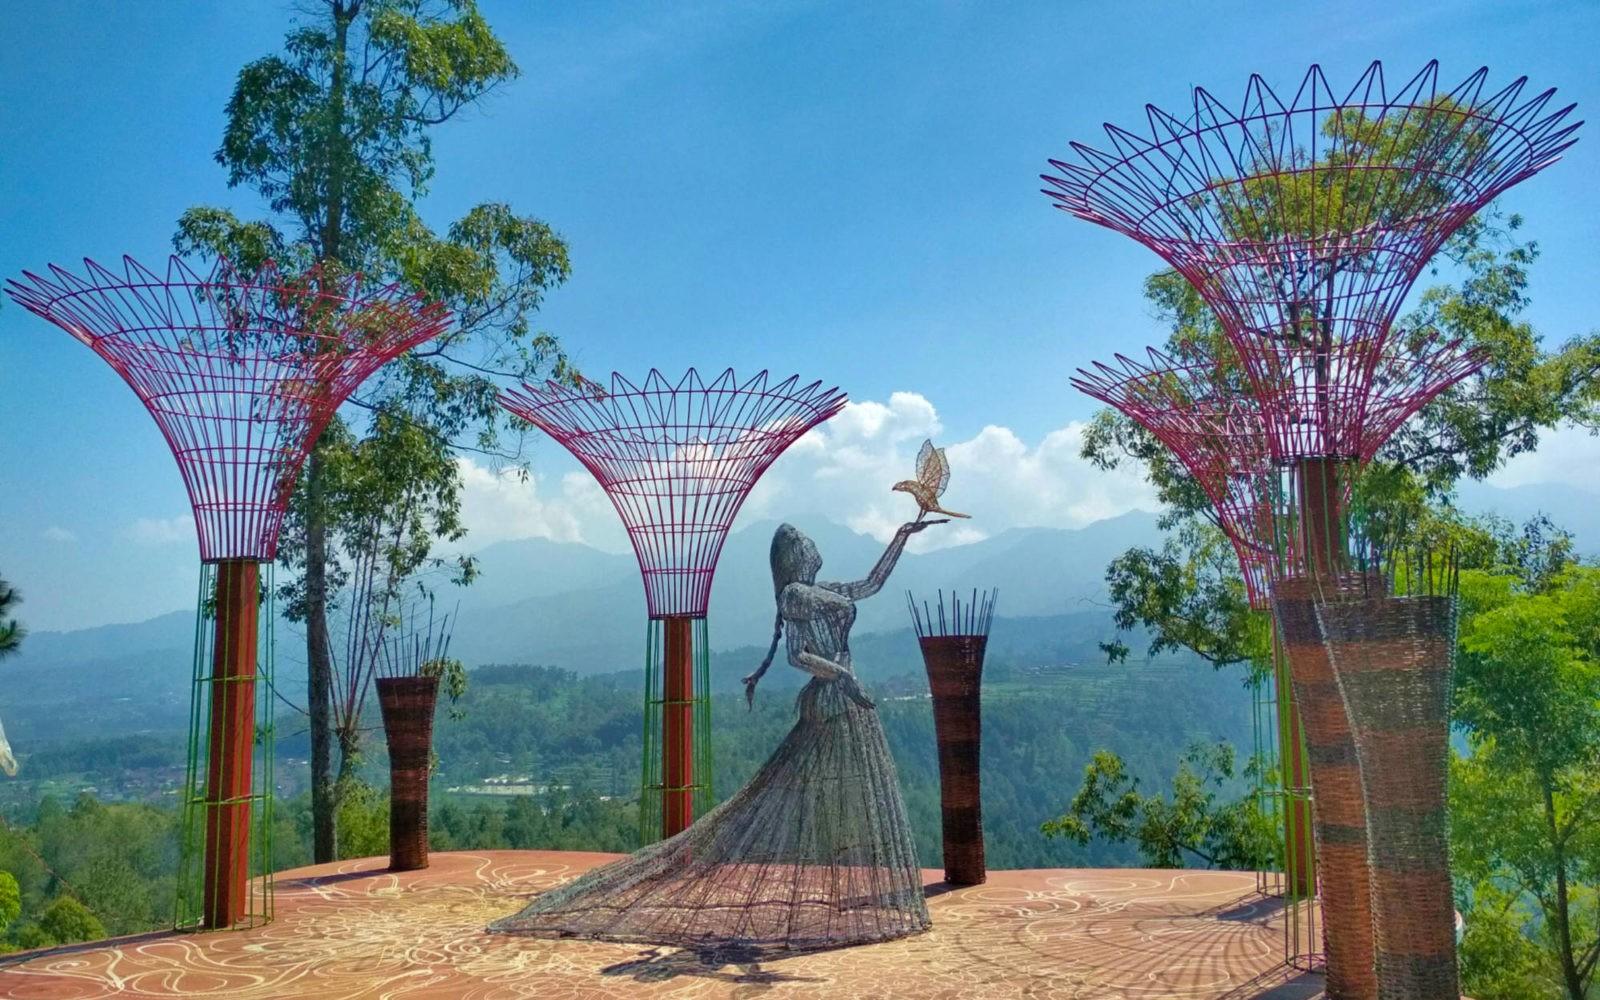 Taman Langit Malang Tiket Spot Foto September 2020 Travelspromo